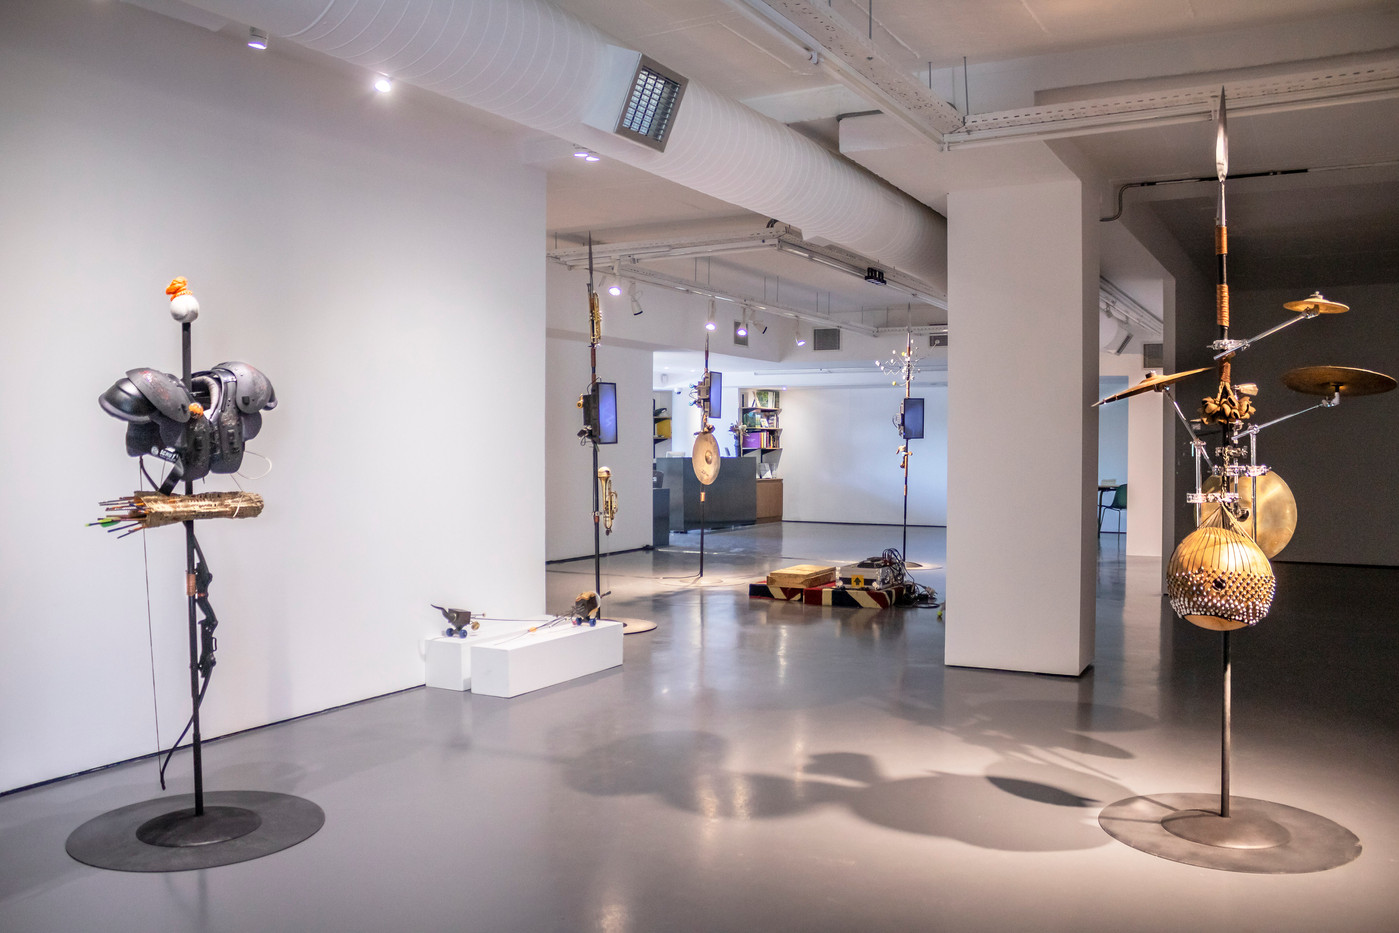 Masimba Hwati   Sokunge / As if   2019   Installation View